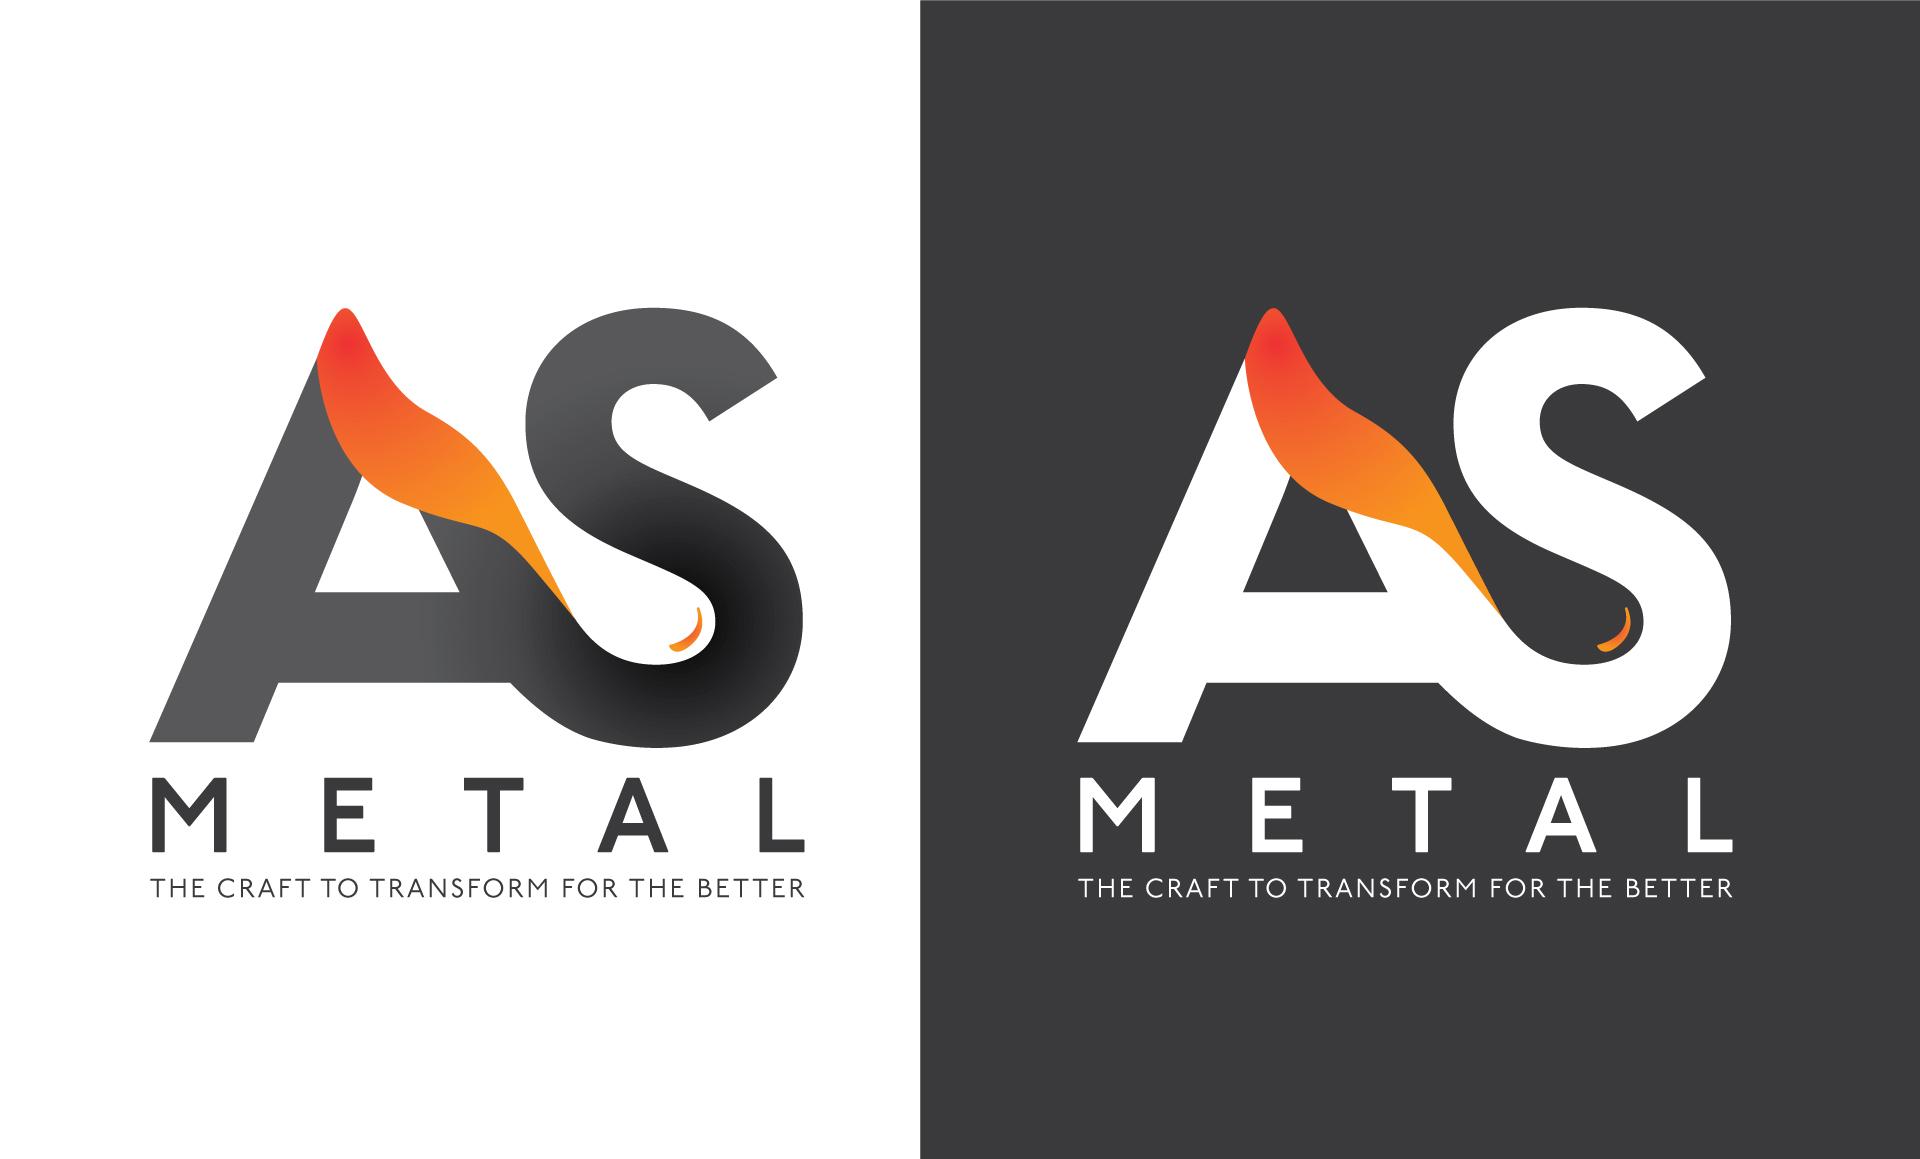 asmetal_logo